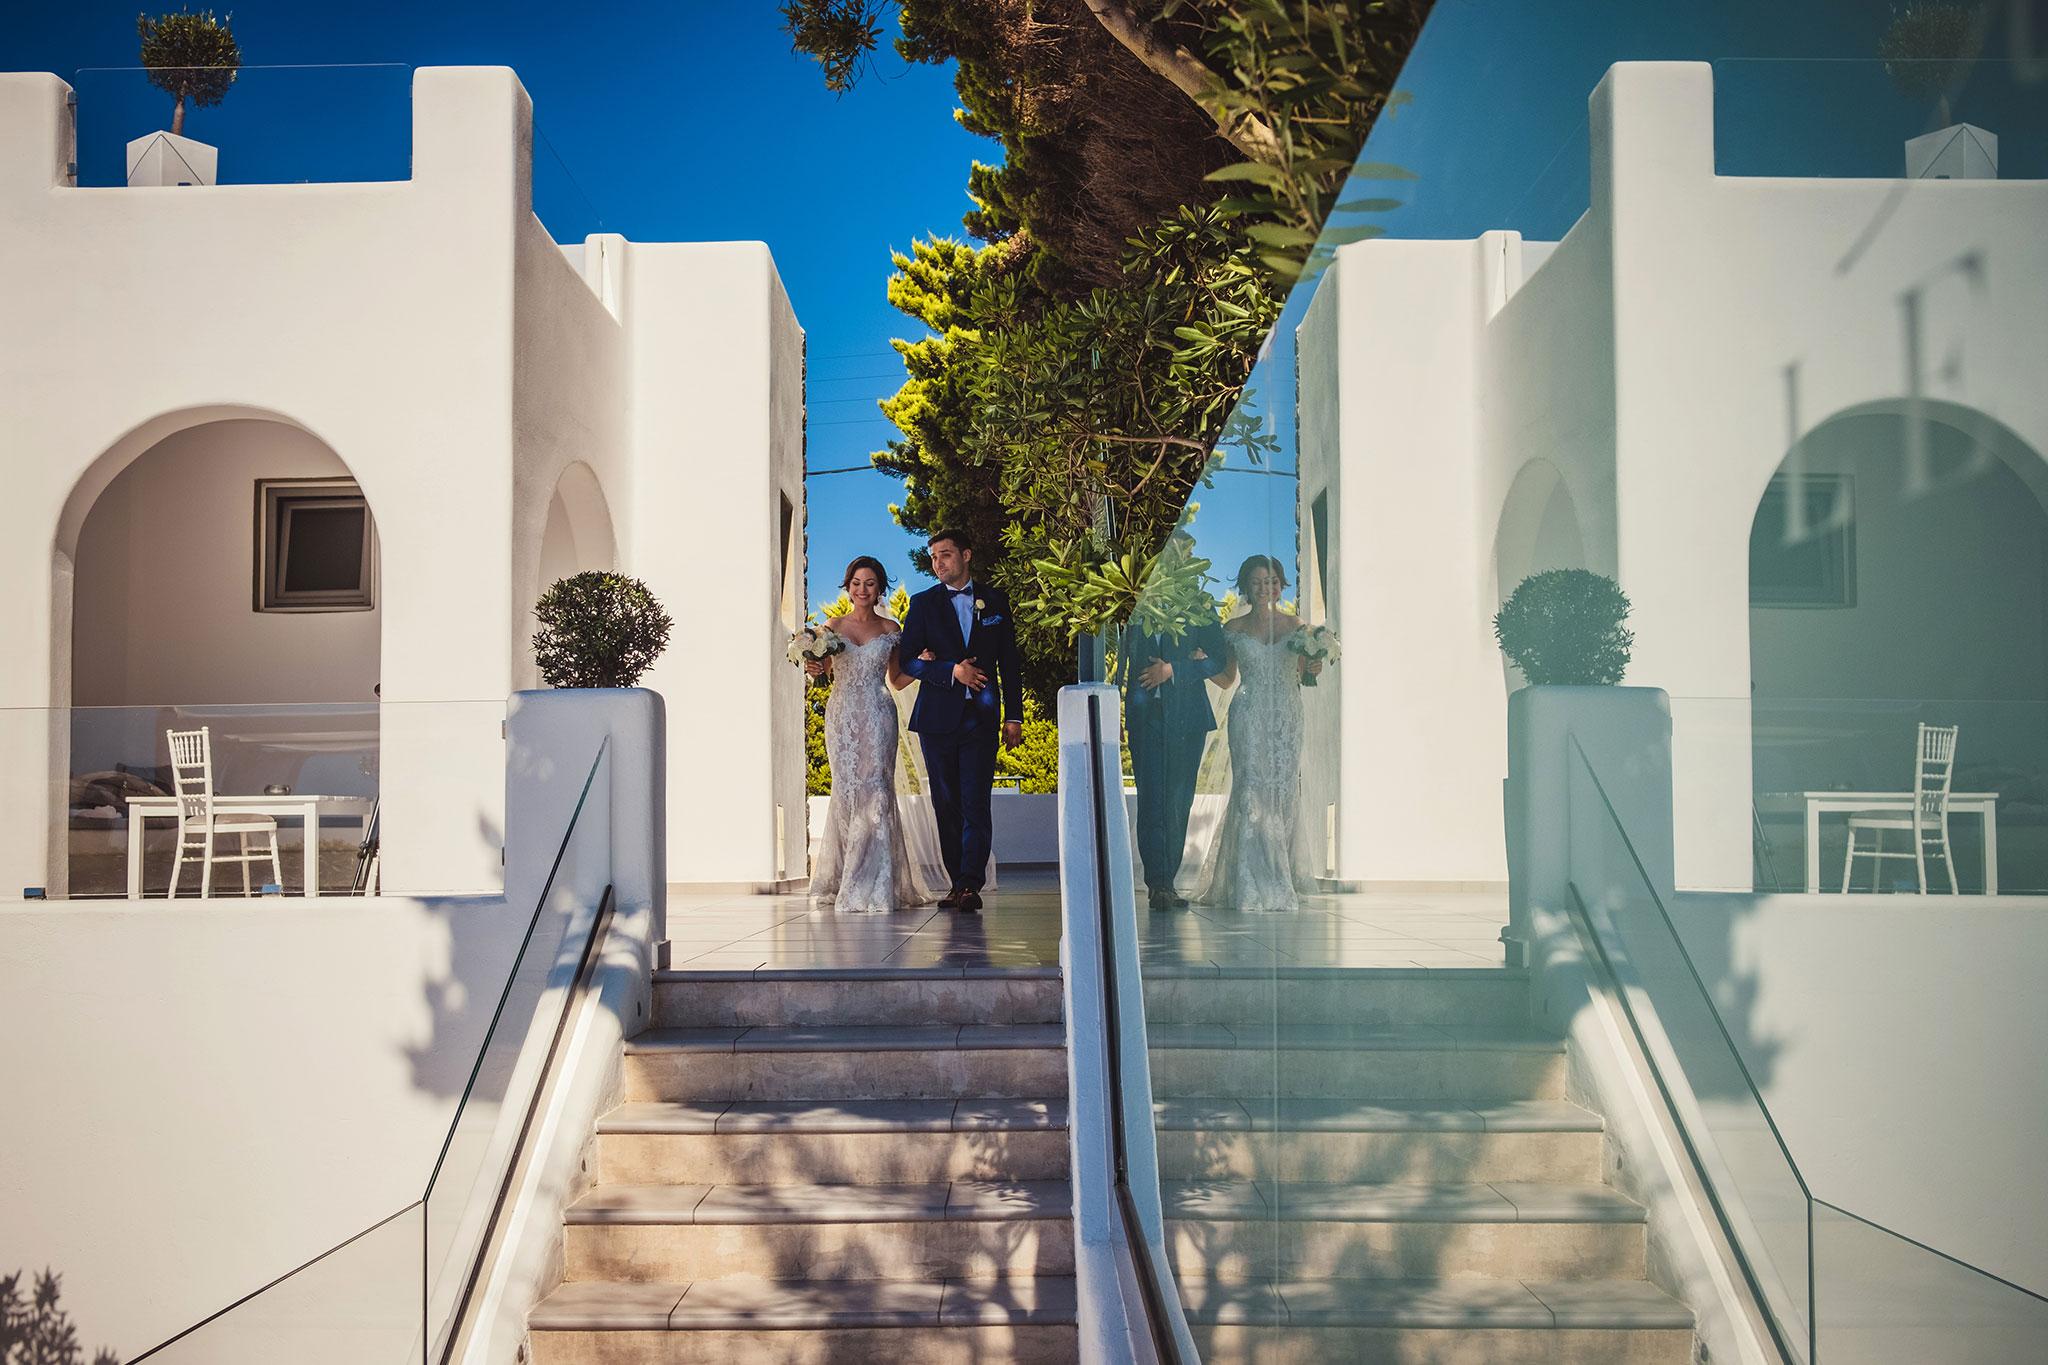 przygotowania do ceremoni ślubnej